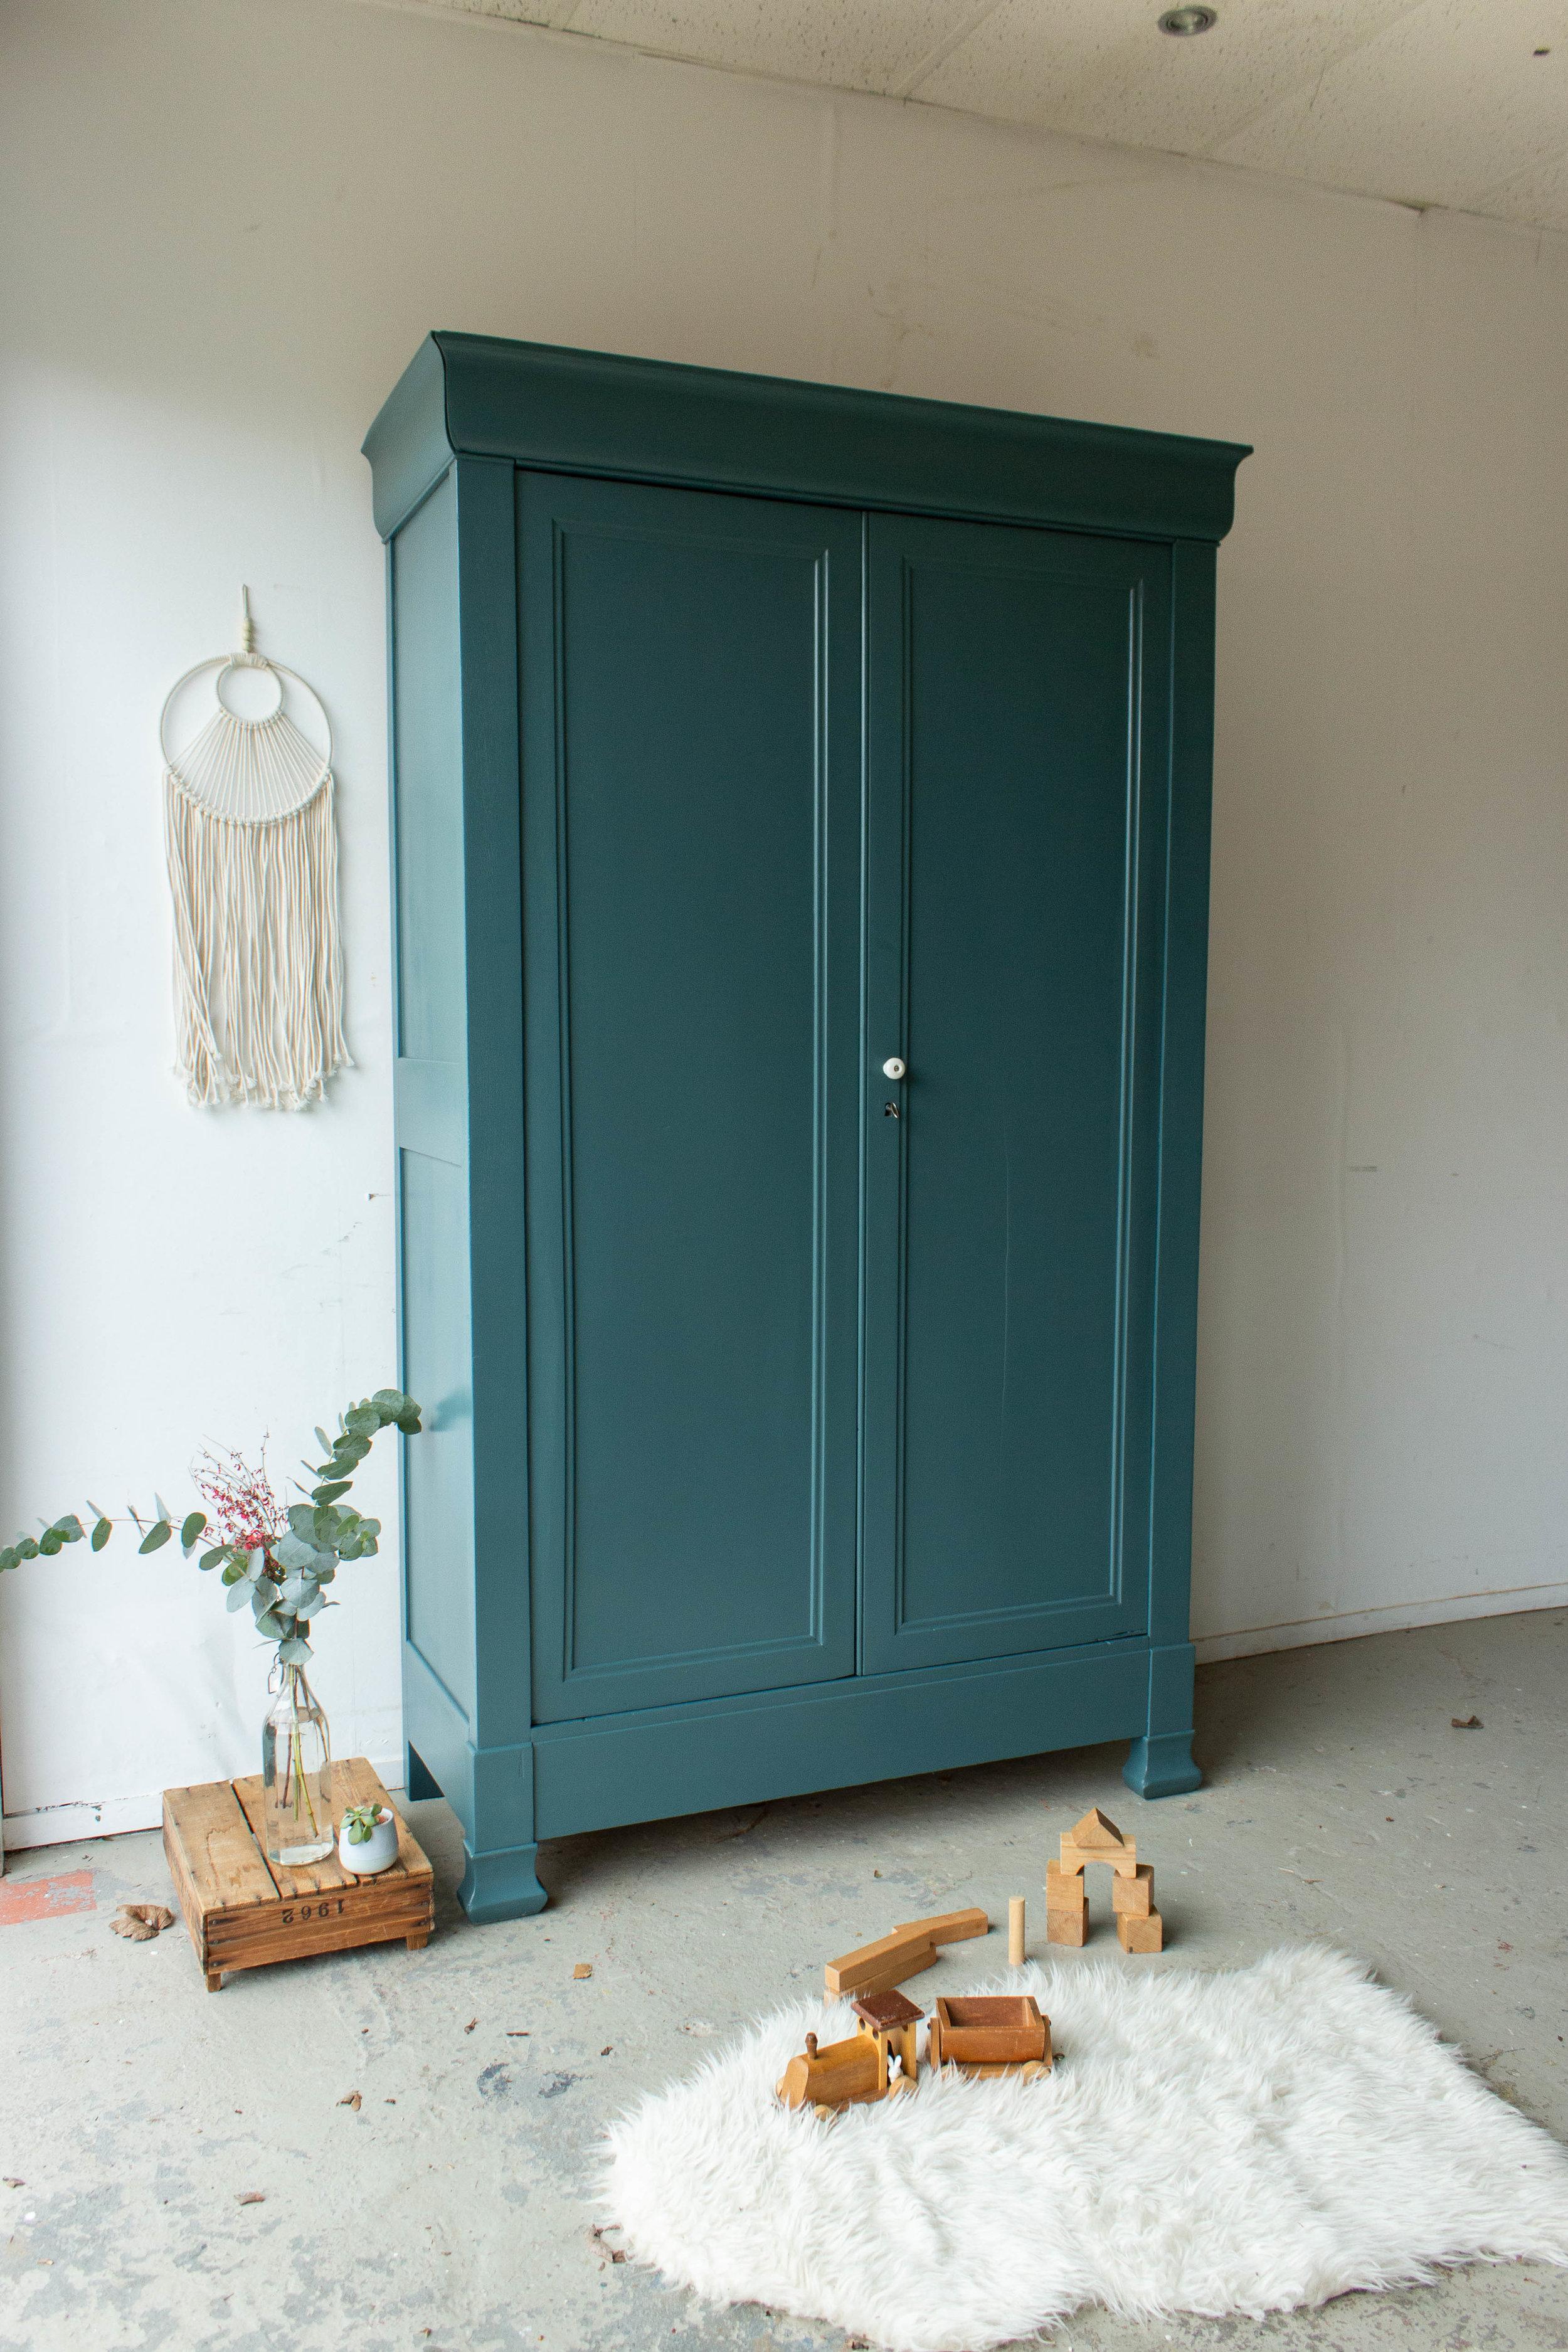 1476 - Donker zeegroene vintage kledingkast-2.jpg